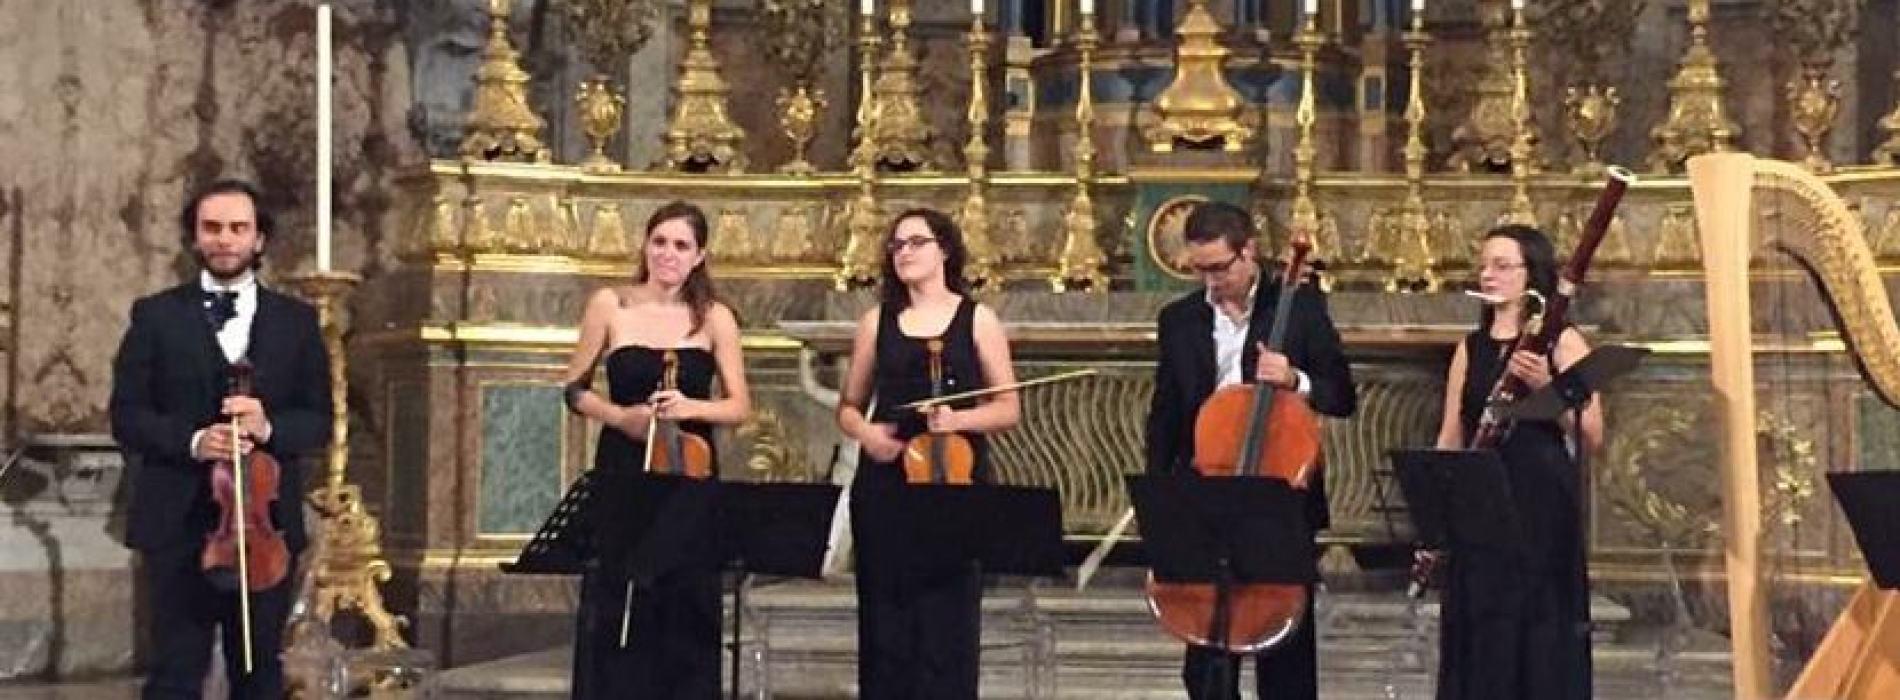 L'Arcadia Ritrovata in famiglia, concerto nel Duomo di Caserta